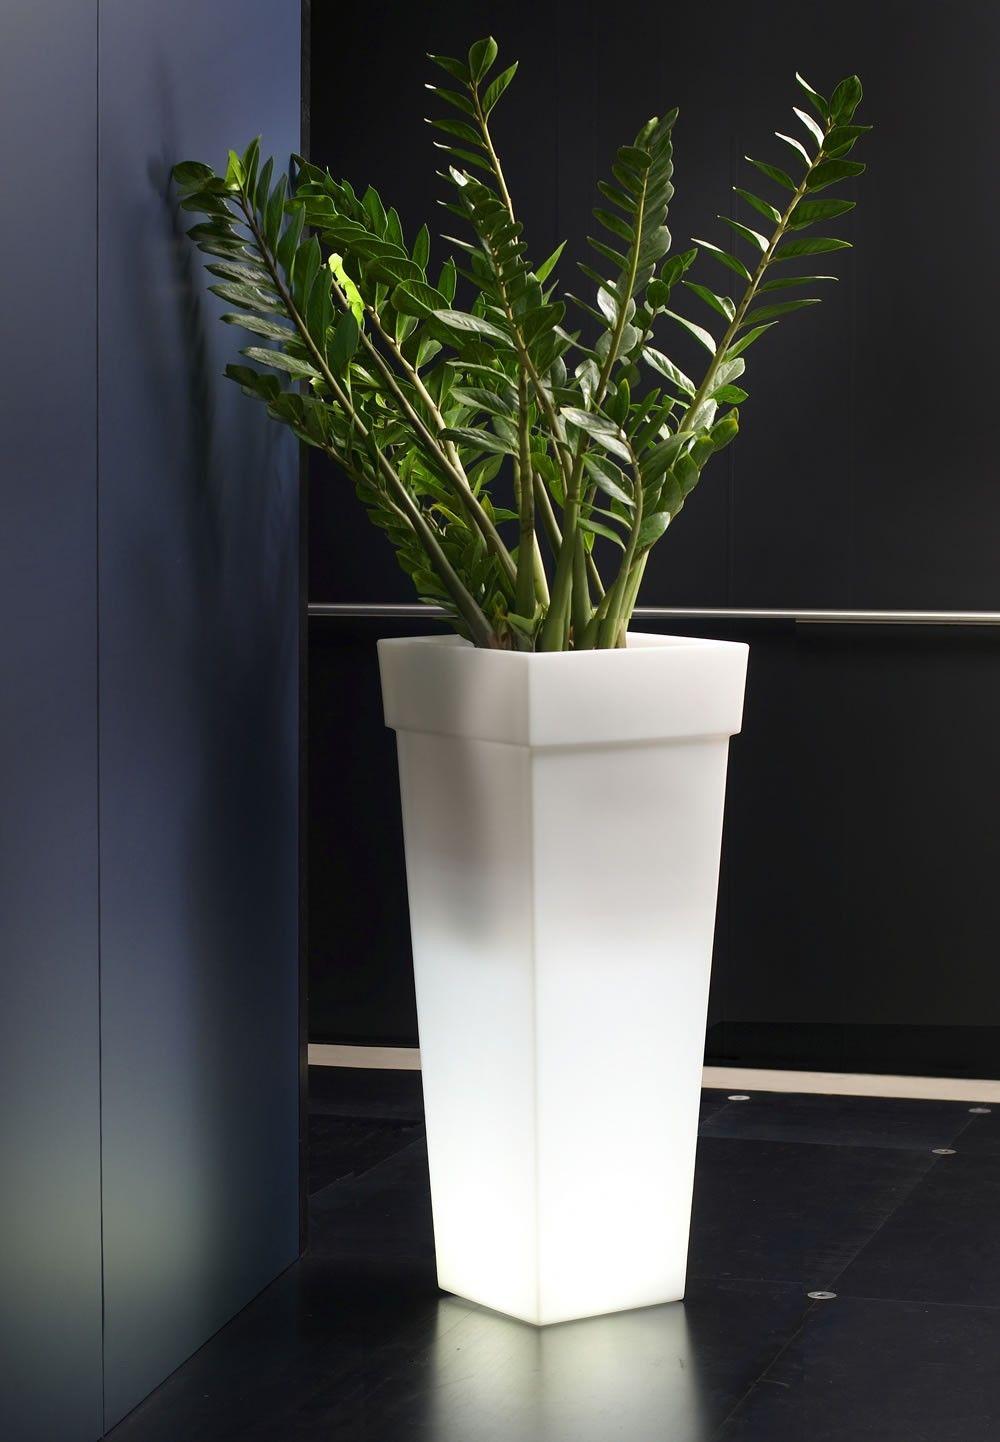 Vasi luminosi alti serie geryon con vasi alti da interno for Vasi design interno